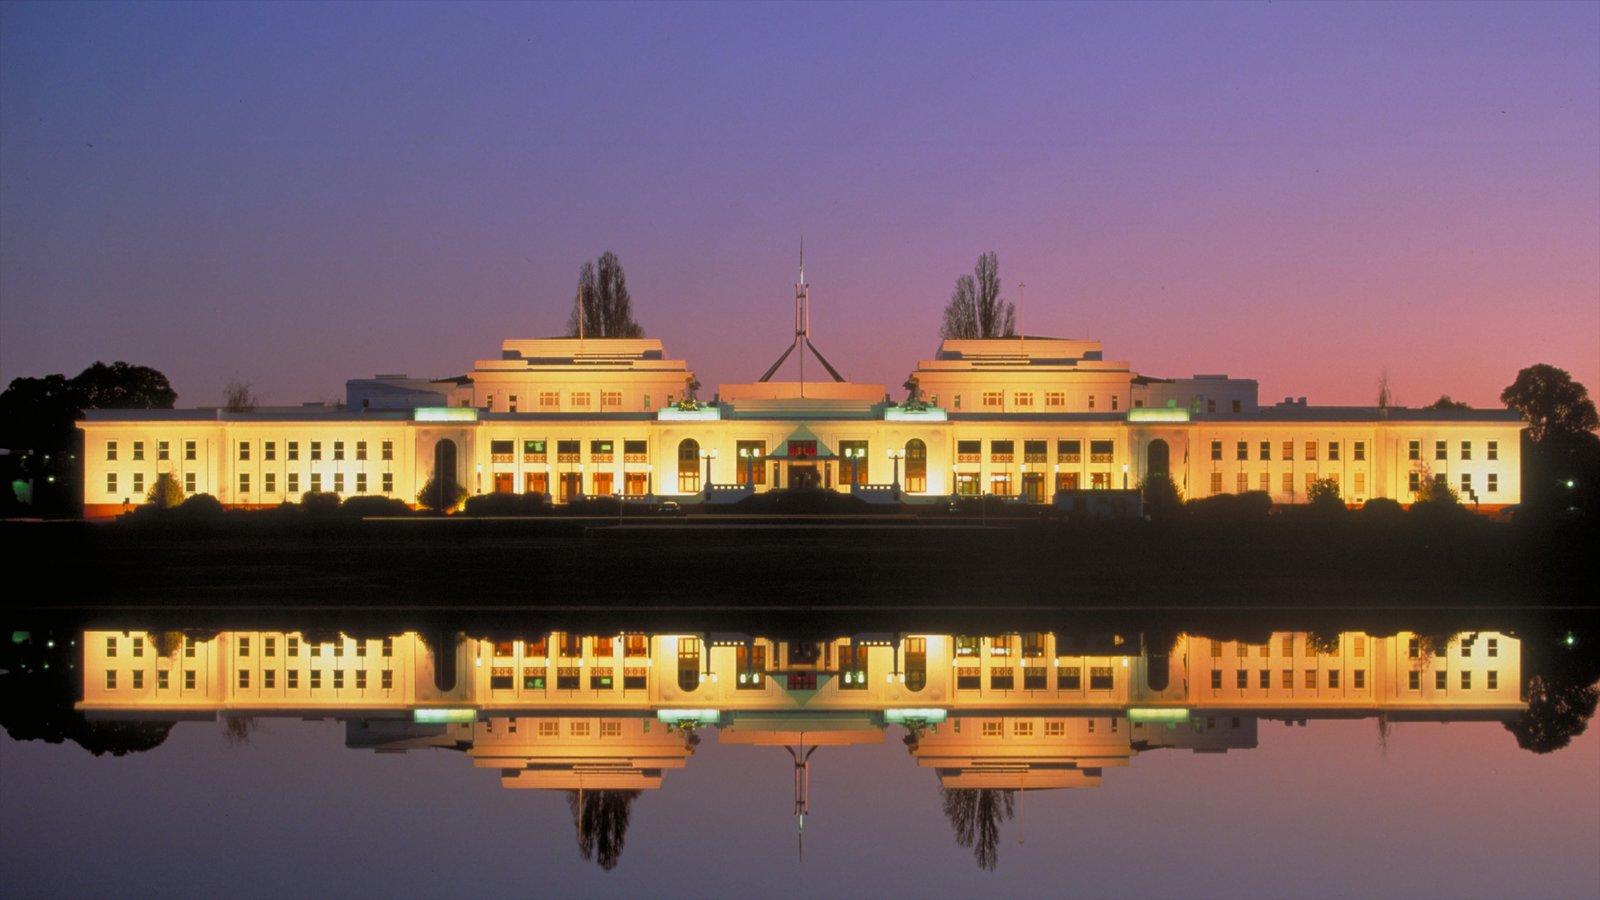 Old Parliament House caracterizando arquitetura de patrimônio, uma cidade e cenas noturnas